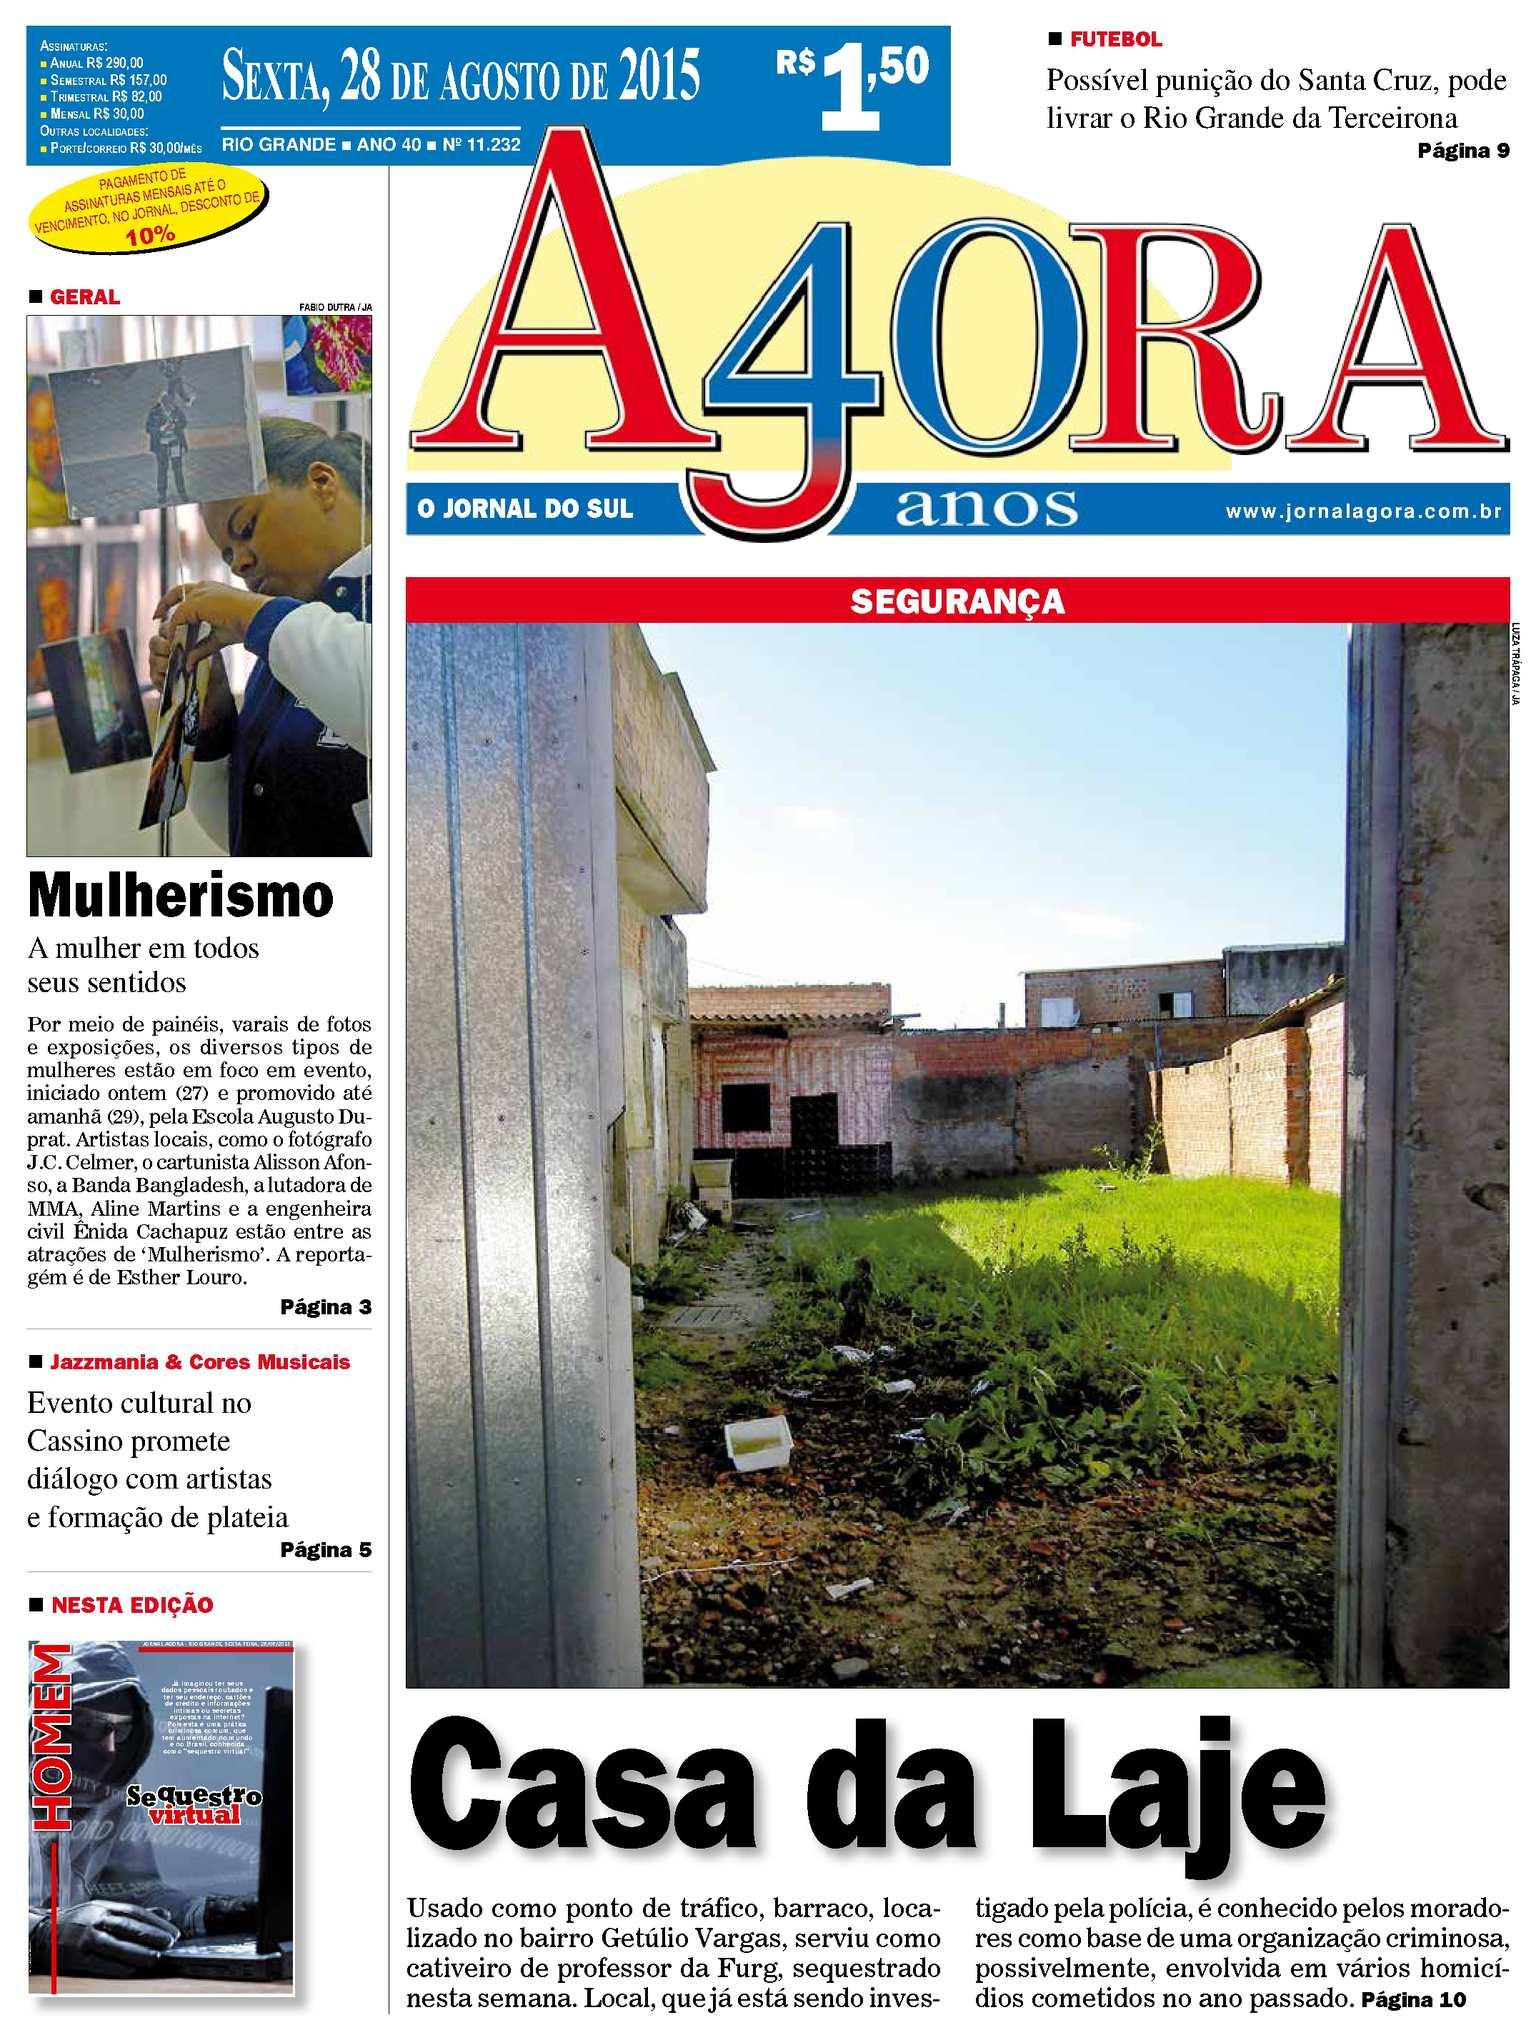 Calaméo - Jornal Agora - Edição 11232 - 28 de Agosto de 2015 c6b02ab9ec009